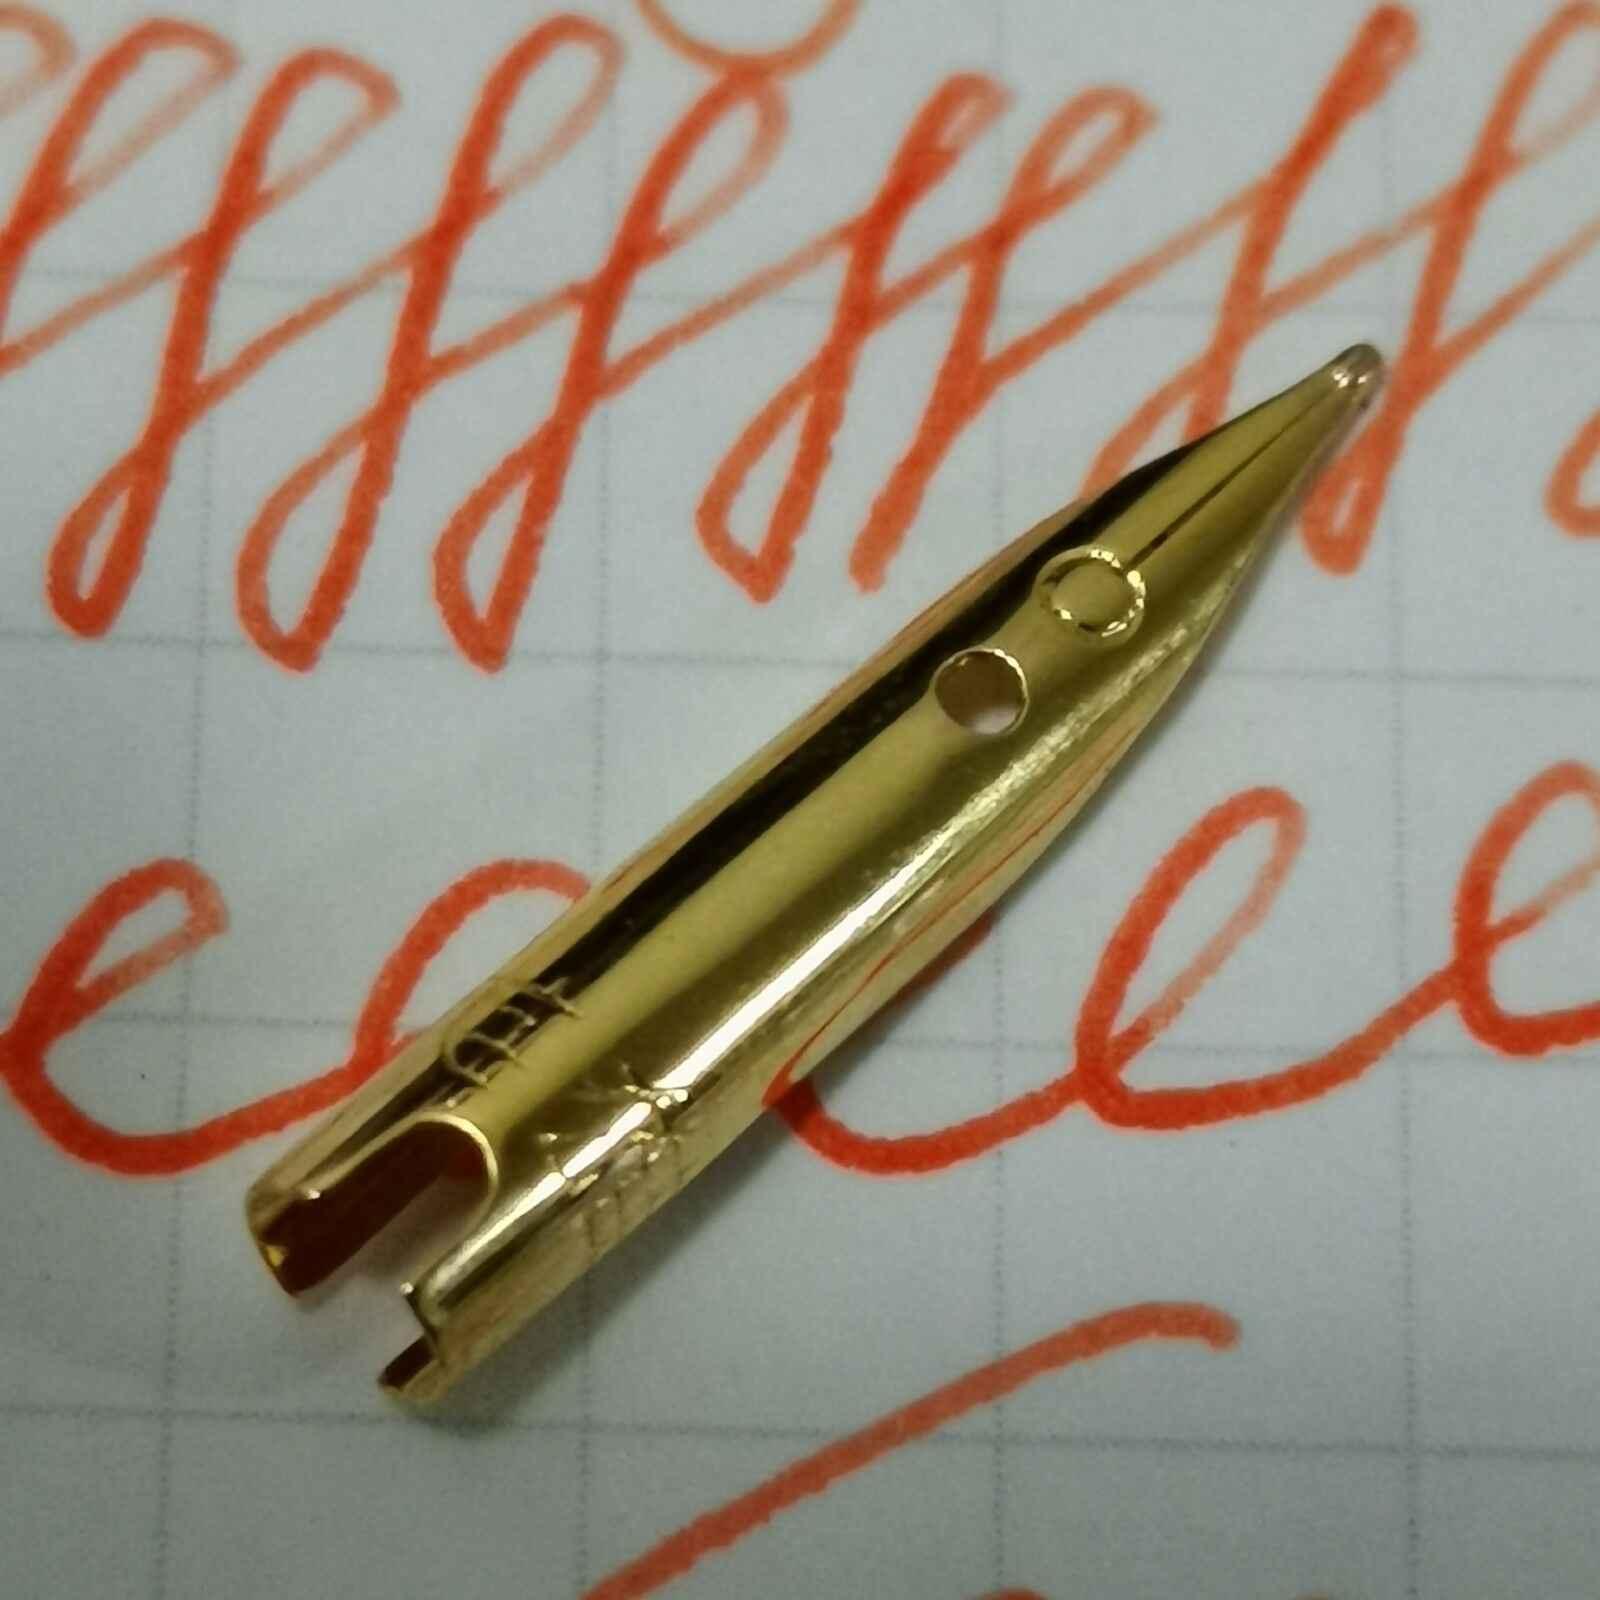 1 adet orijinal kahraman güzel ucu kanat Sung 613/ 618/601 dolma kalem mürekkep kalem kırtasiye ofis okul malzemeleri yazma hediye